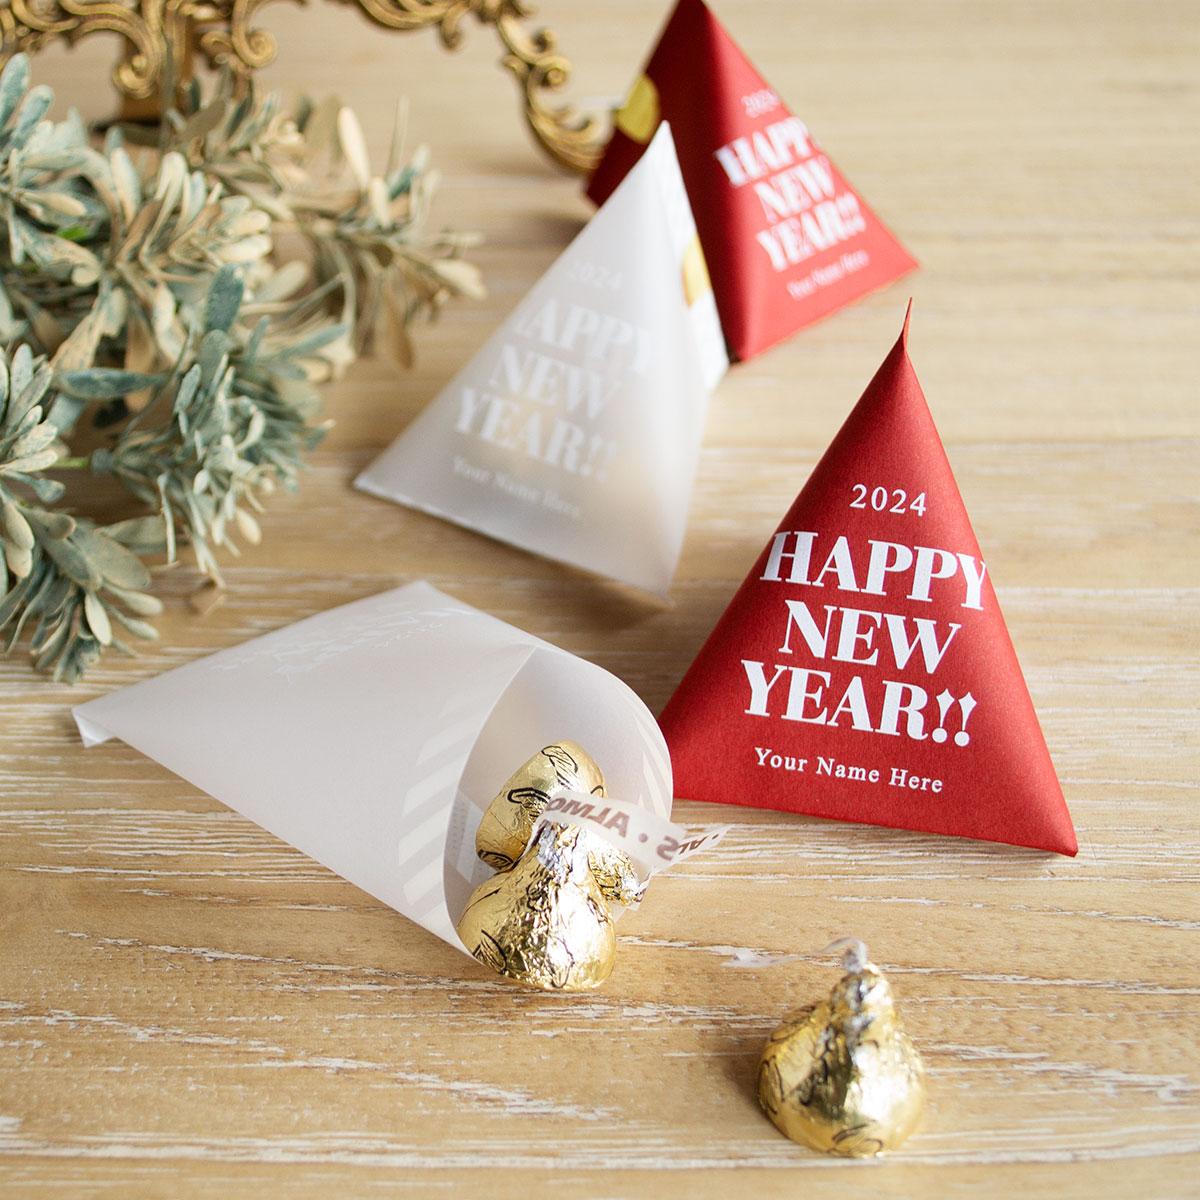 新年のイベントやパーティーで!!HappyNewYearテトラパック手作りキット【プチギフト】